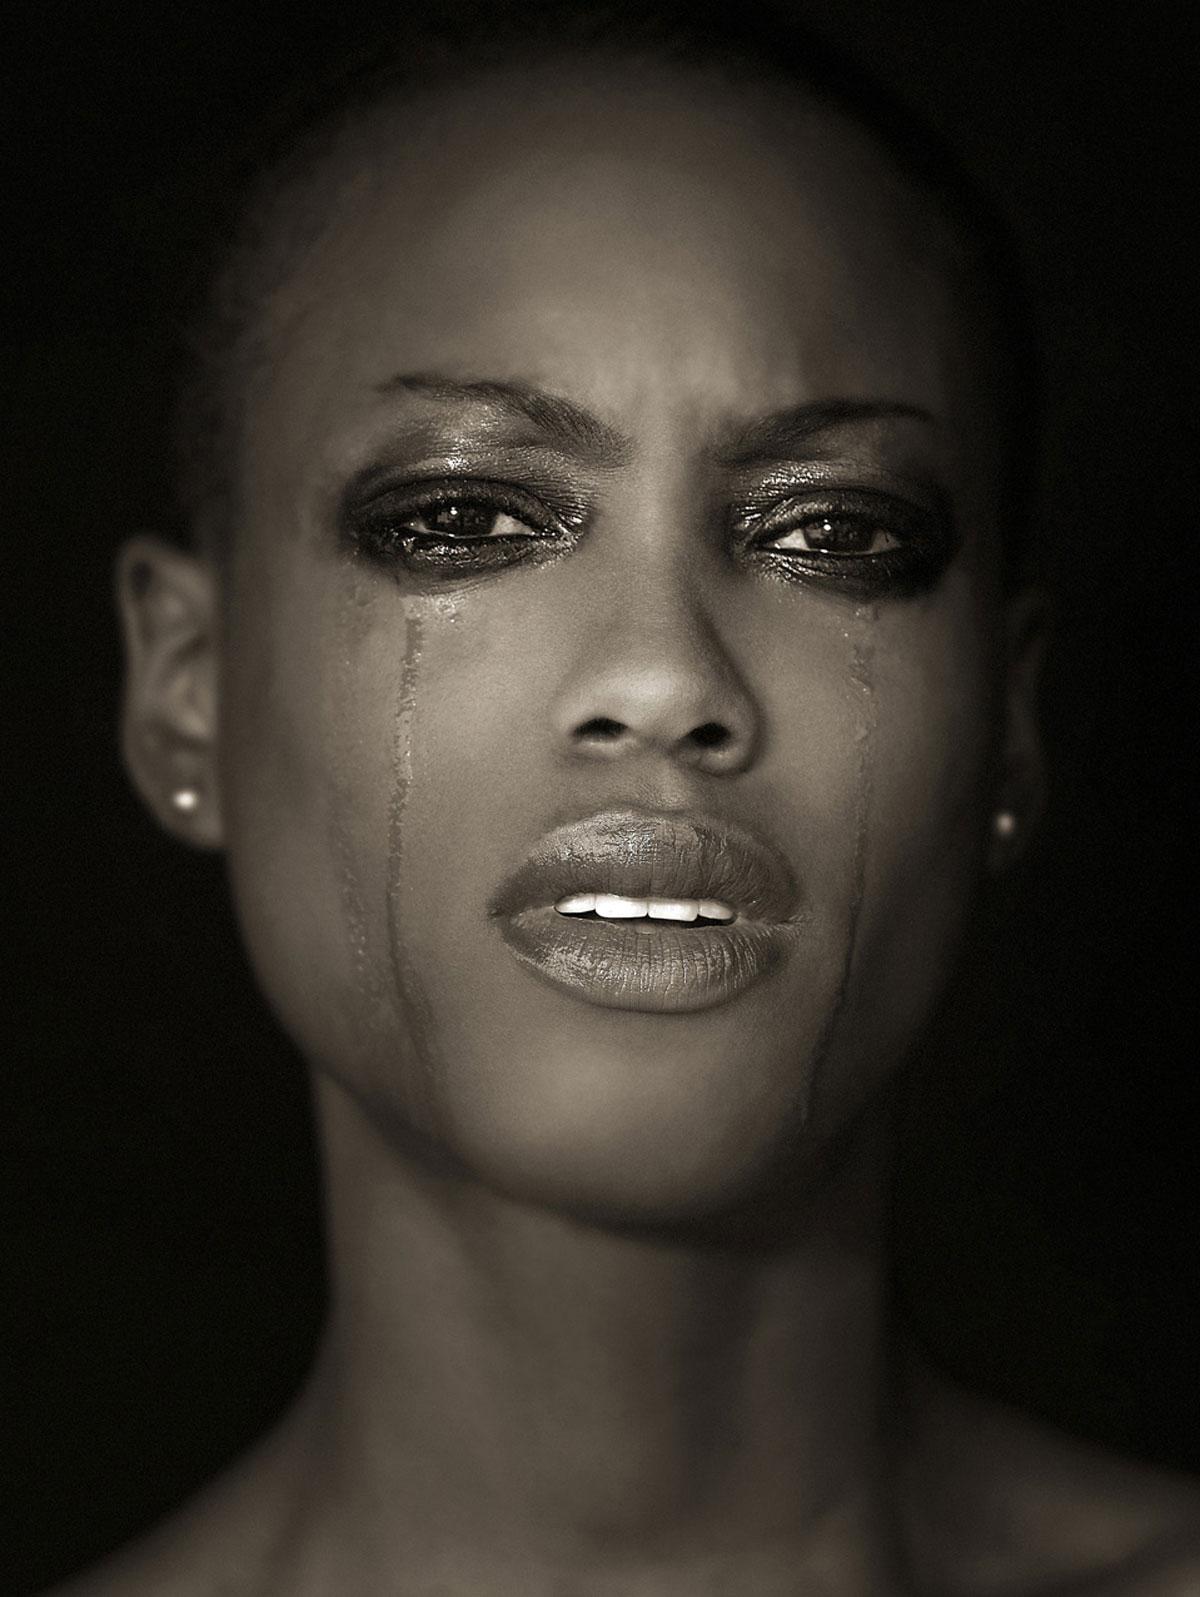 I Bathe Female Tears